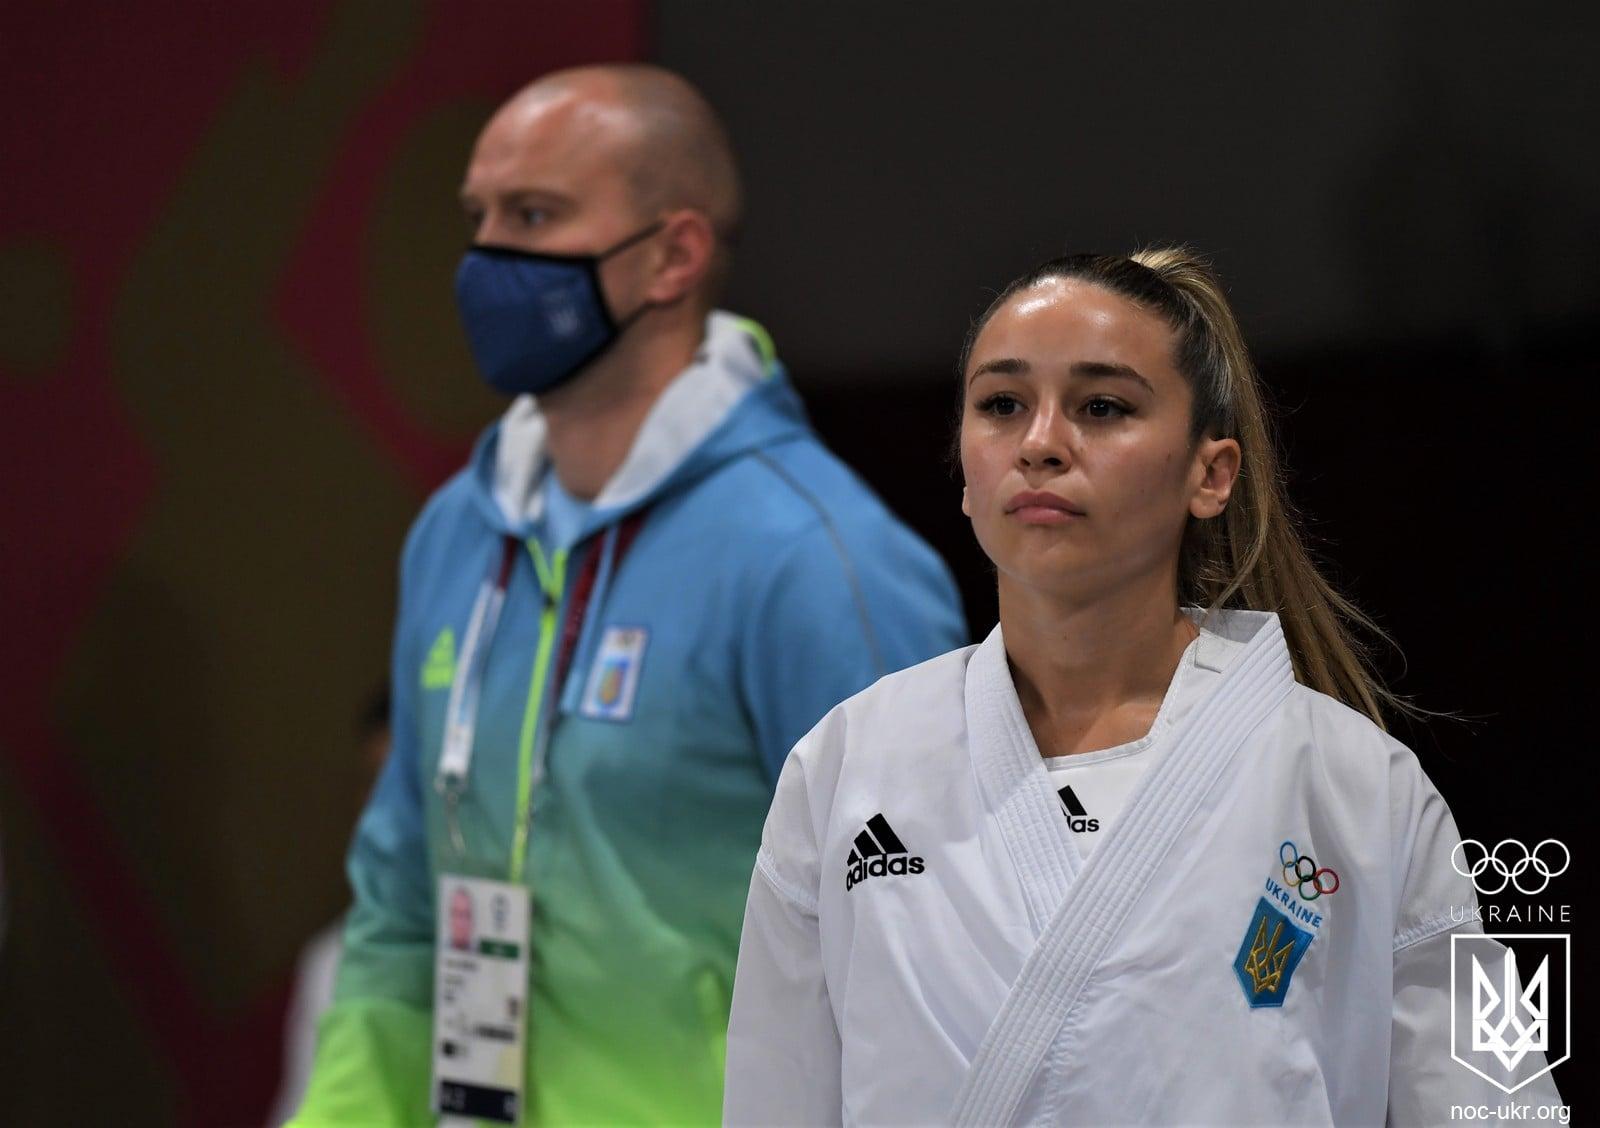 Українська каратистка Анжеліка Терлюга виборола срібну медаль Олімпіади в Токіо.